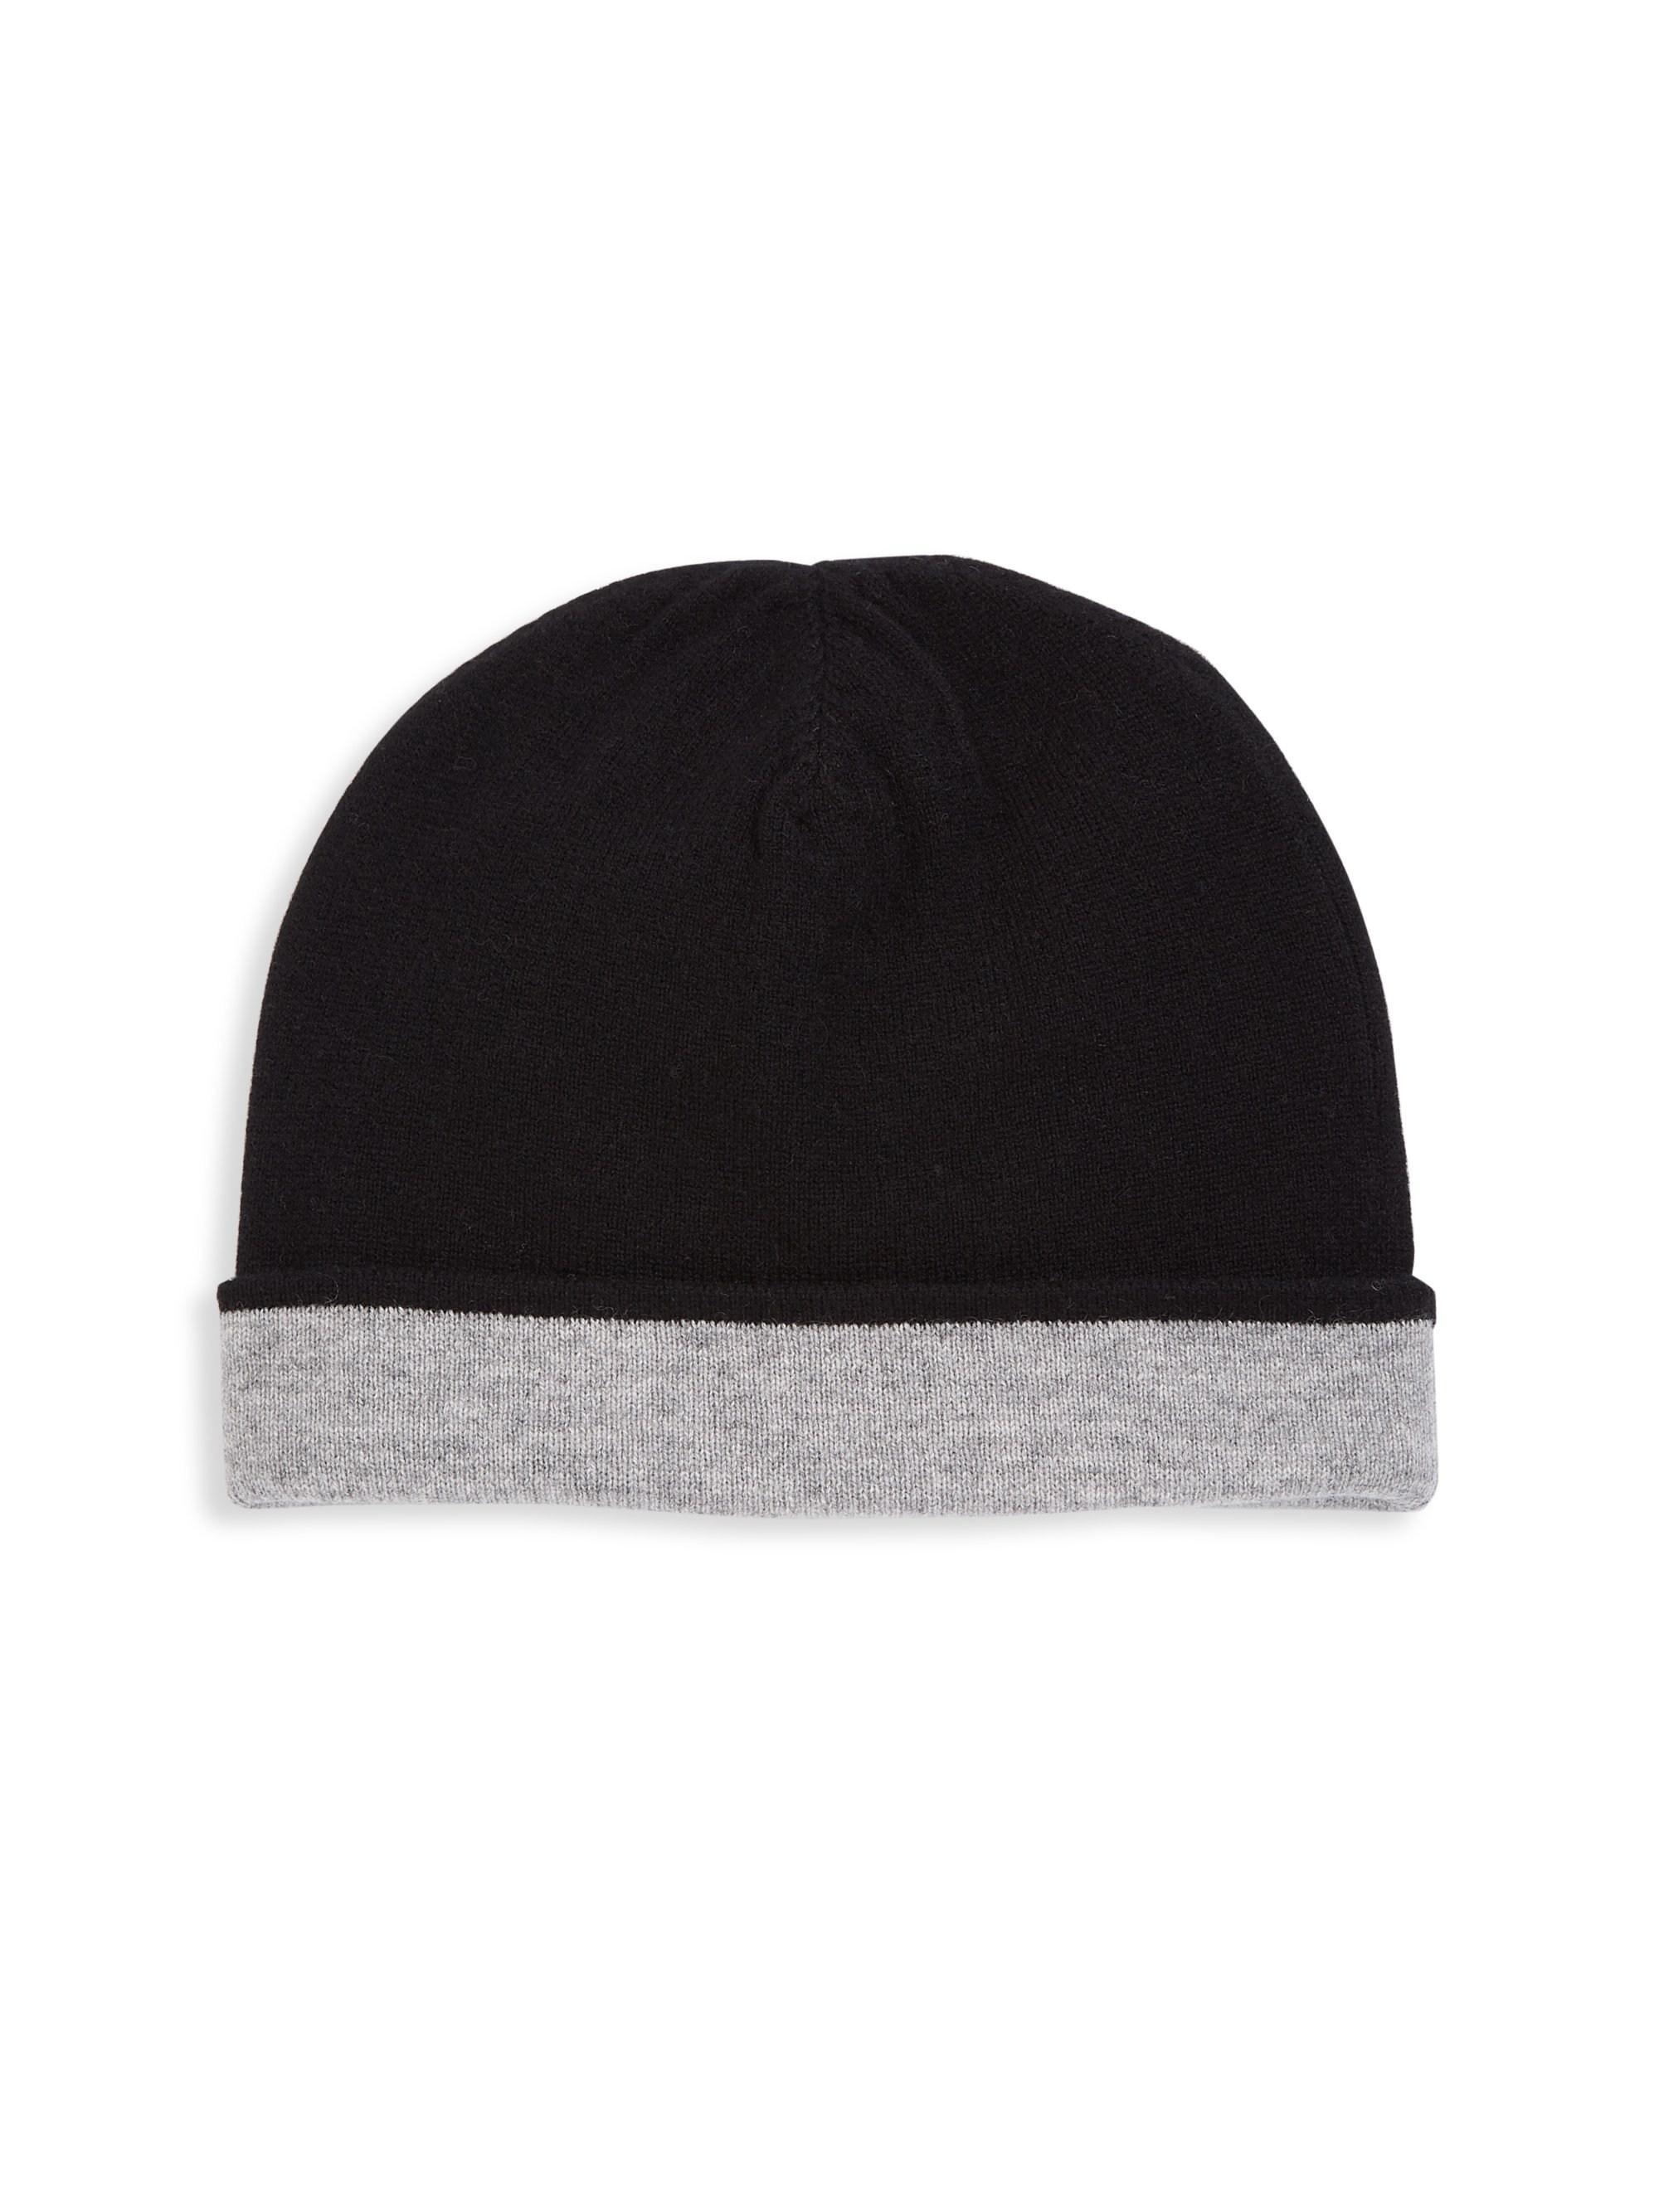 546a4bbb3e685 Saks Fifth Avenue. Black Men s Collection Cashmere Double Face Hat ...